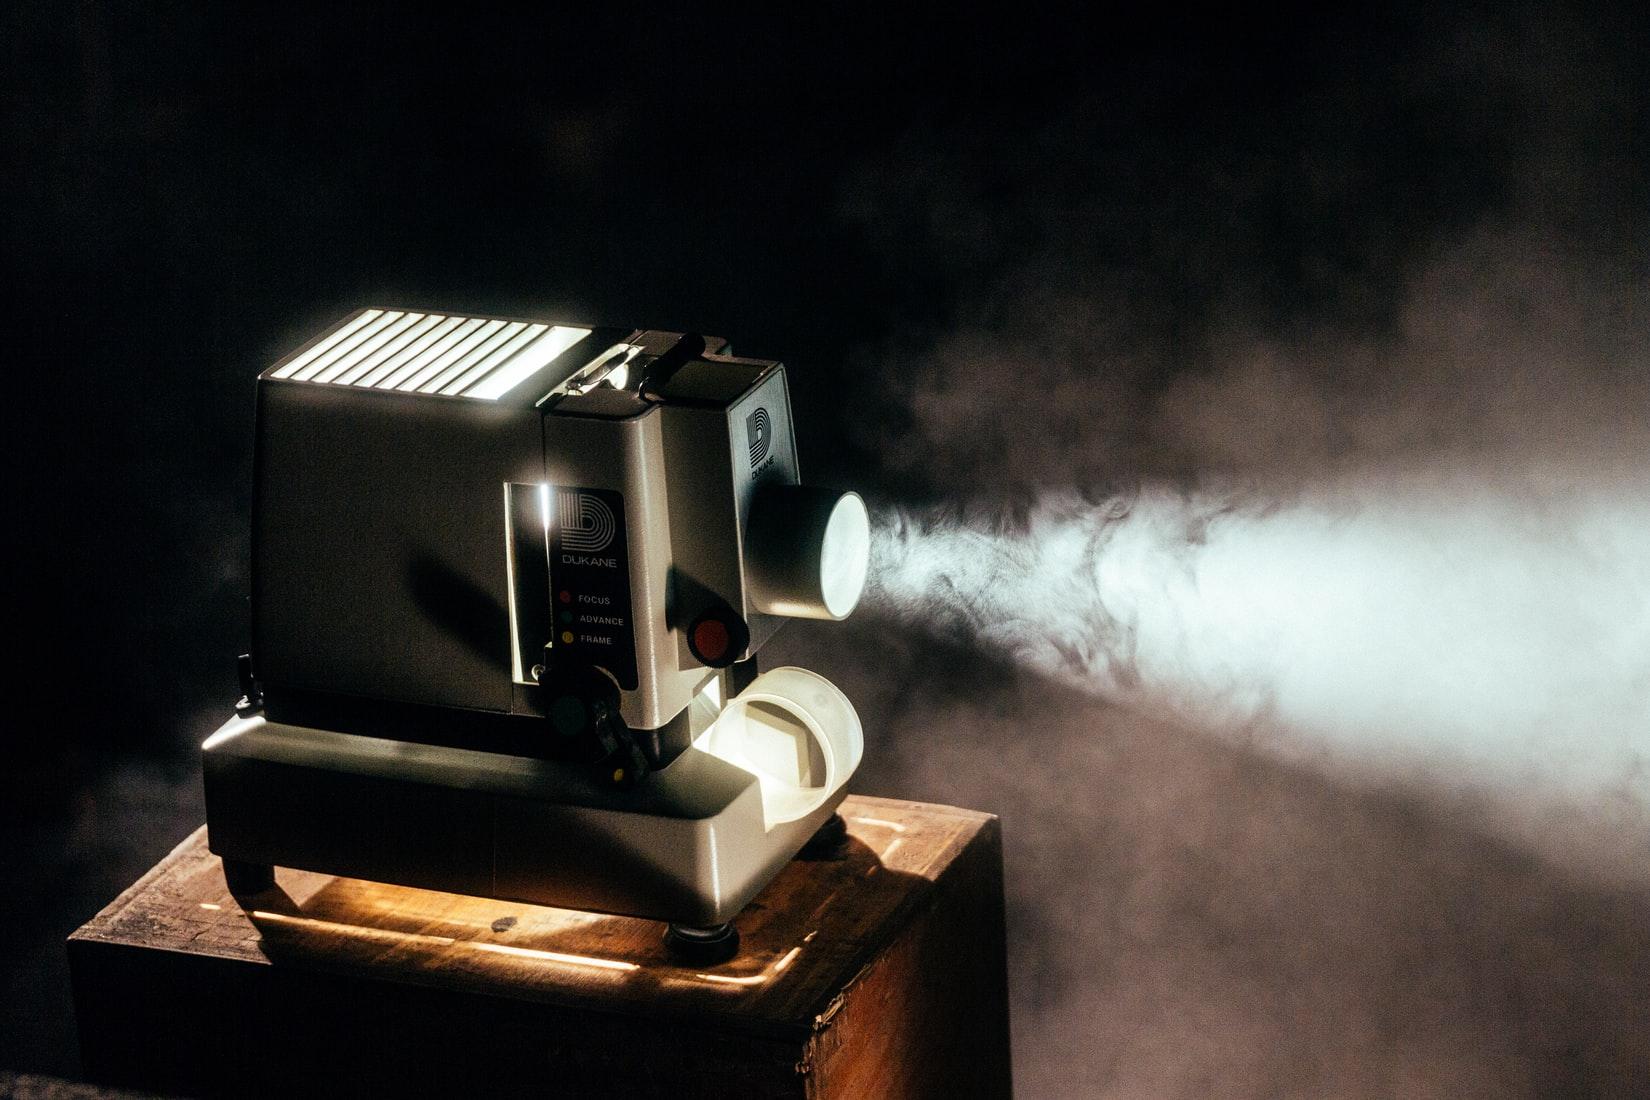 Comment un vidéoprojecteur peut-il remplacer un téléviseur ? 6